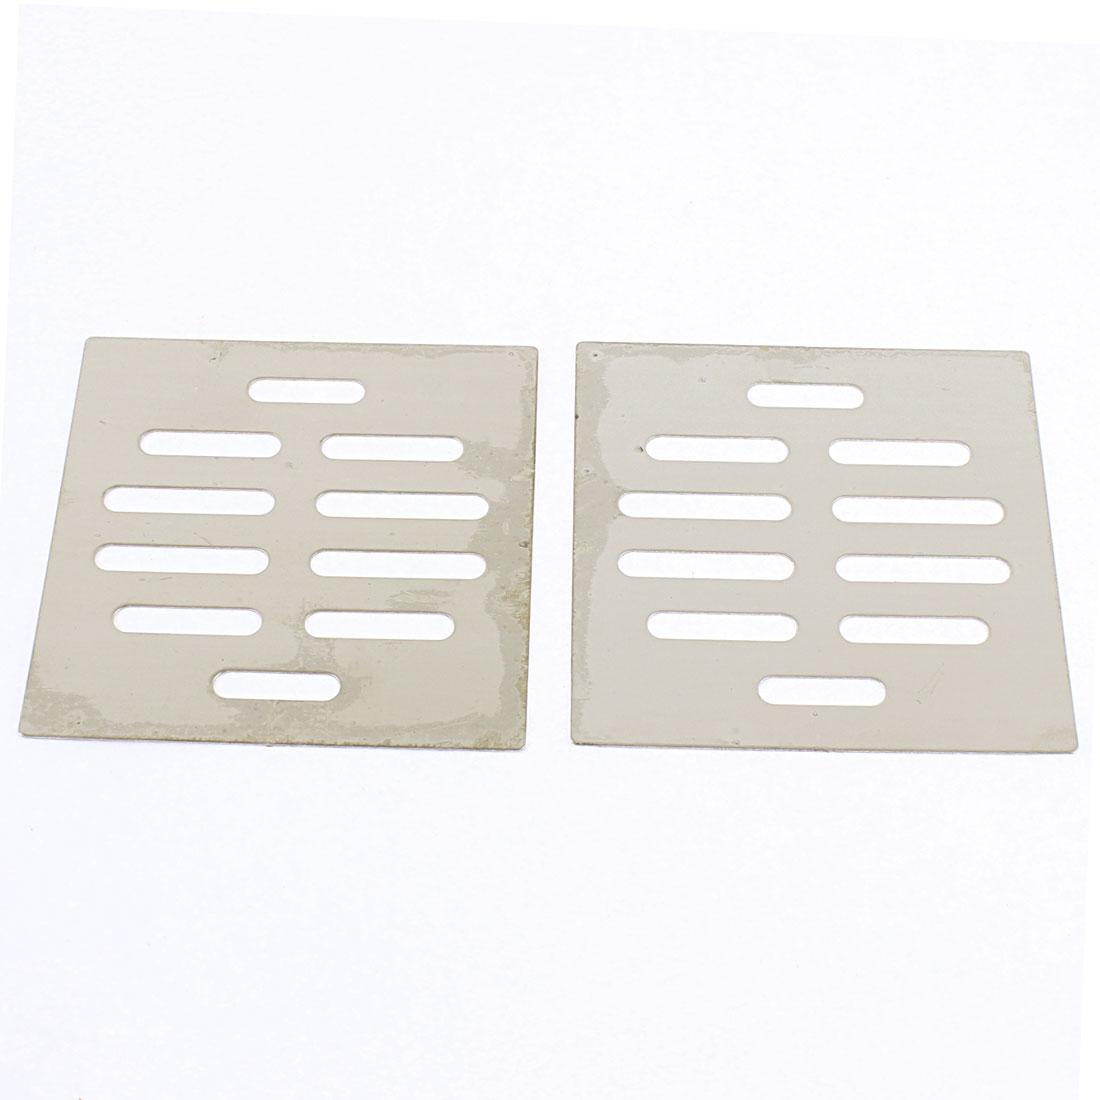 Kitchen Bathroom Square Floor Drain Drainer Cover 8.7cm x 8.7cm 2Pcs